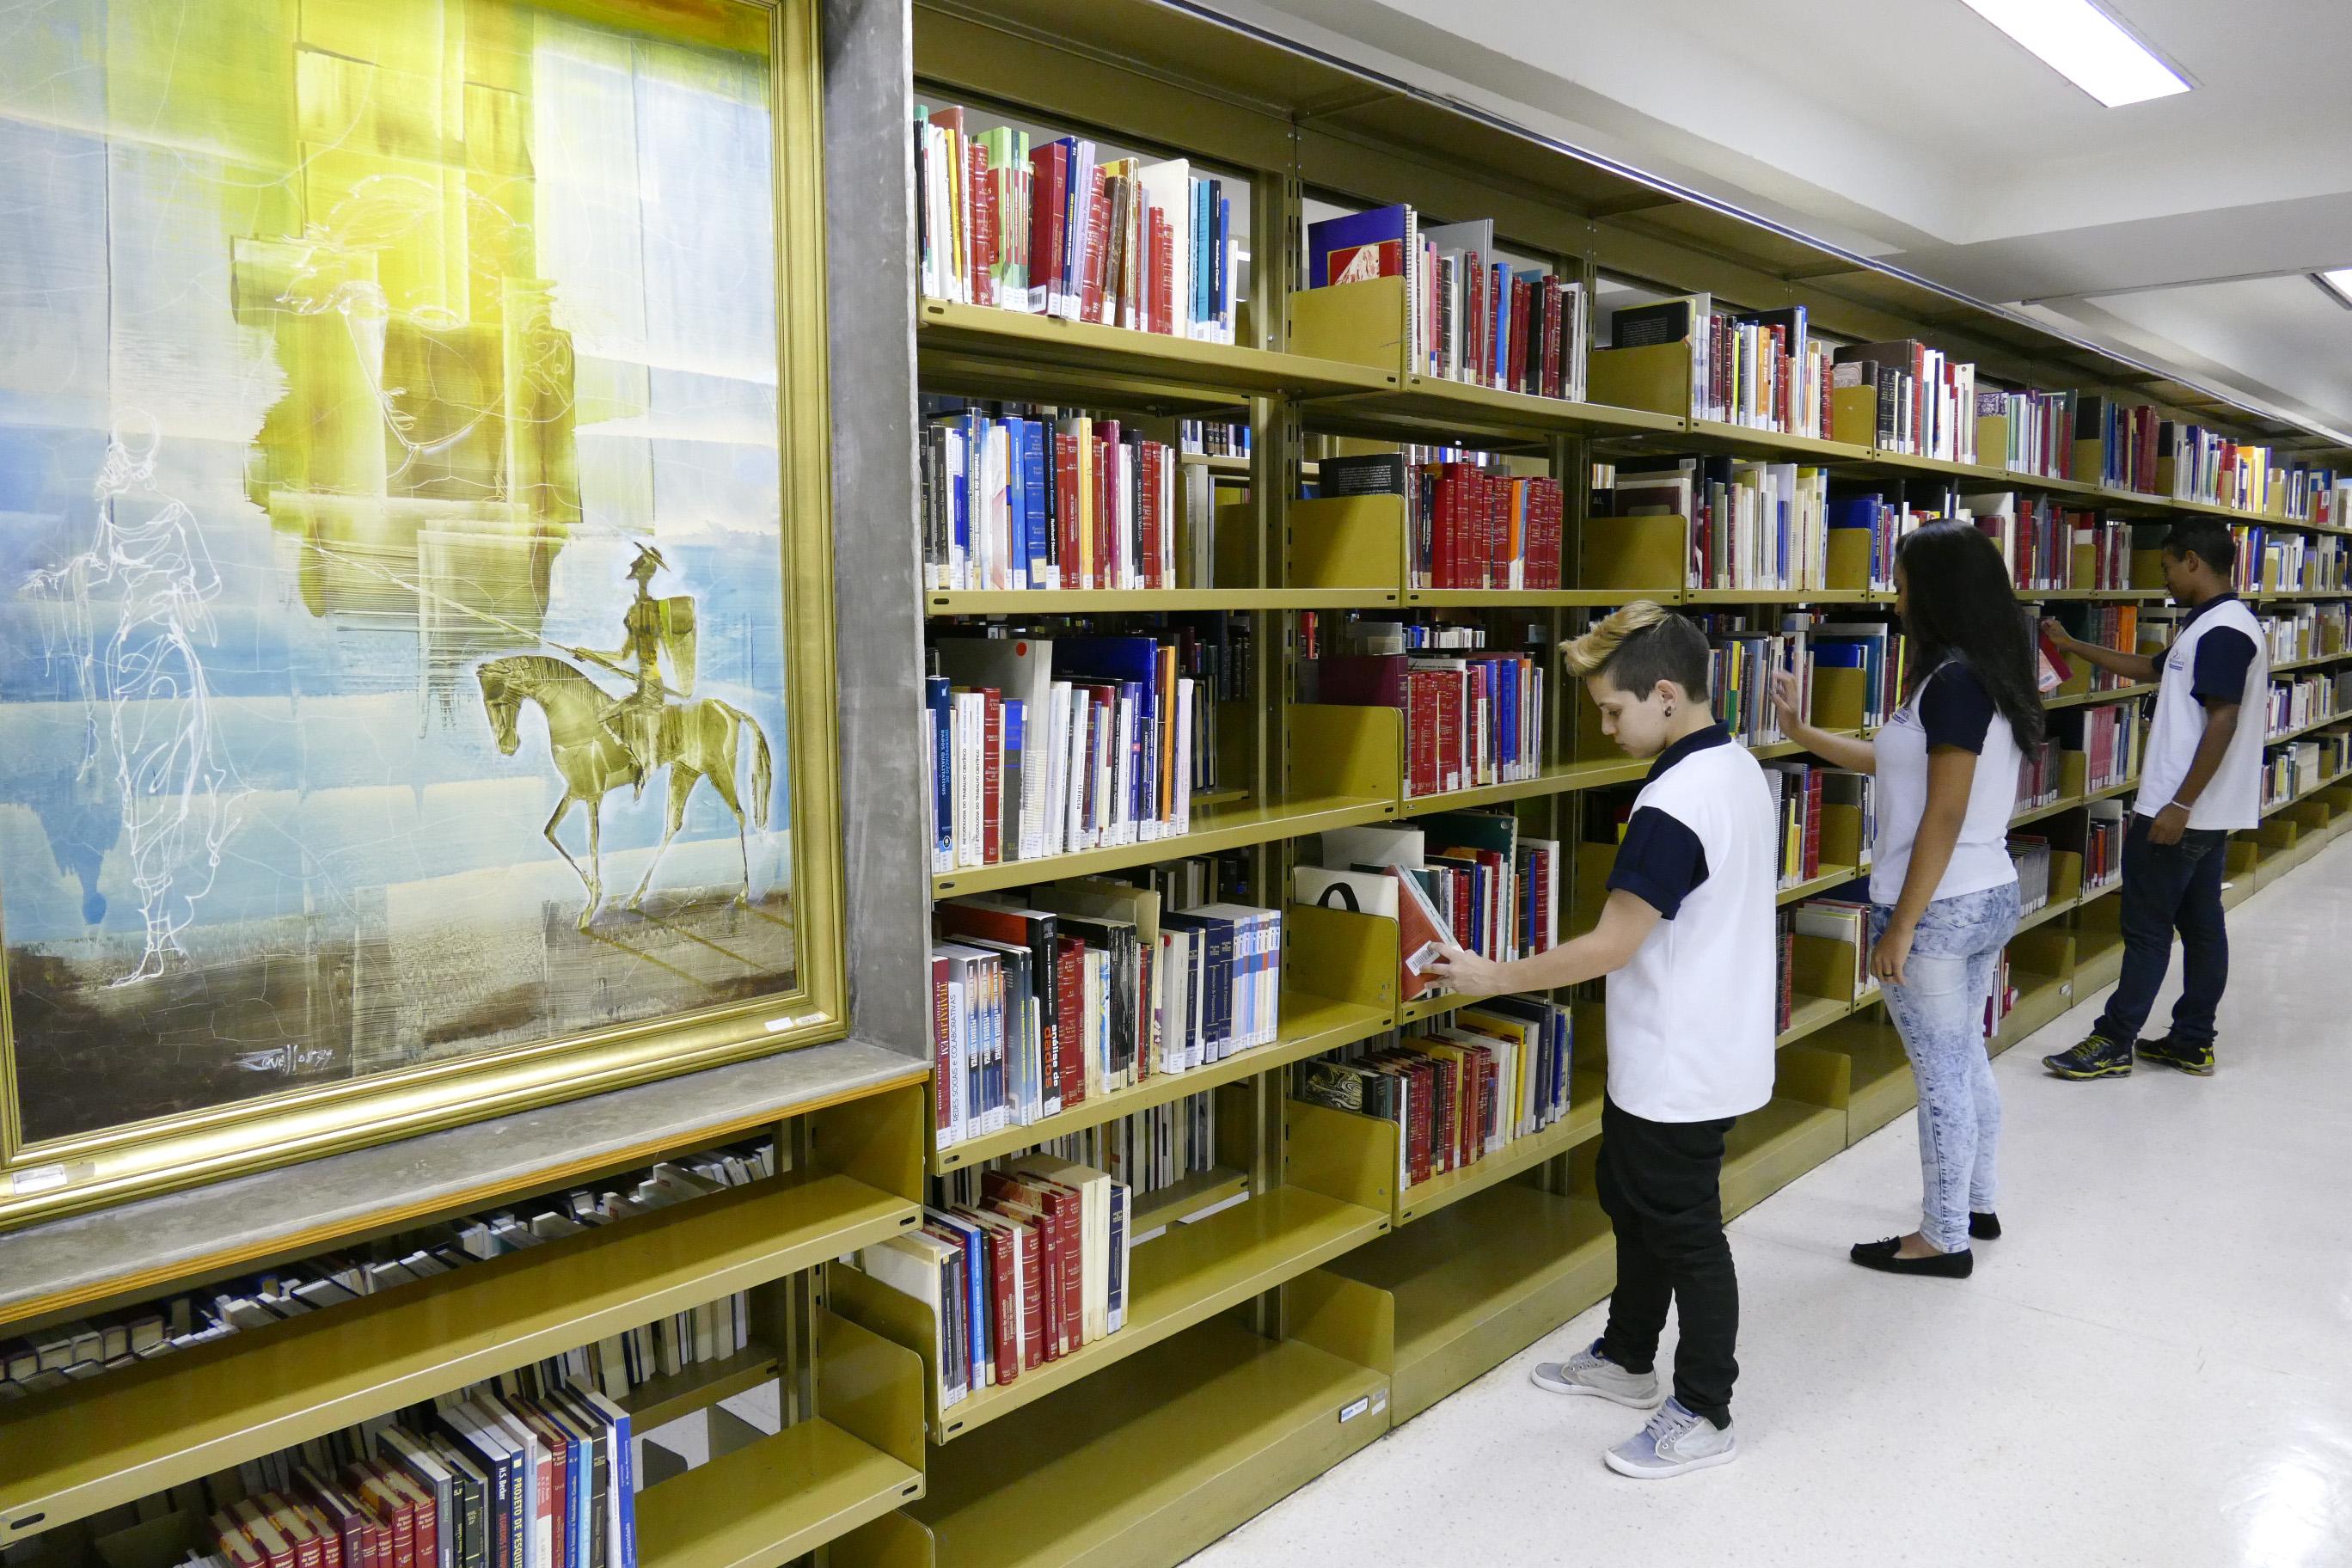 Bücherwand - Quelle: WikiCommons, genauere Angaben am Artikelende